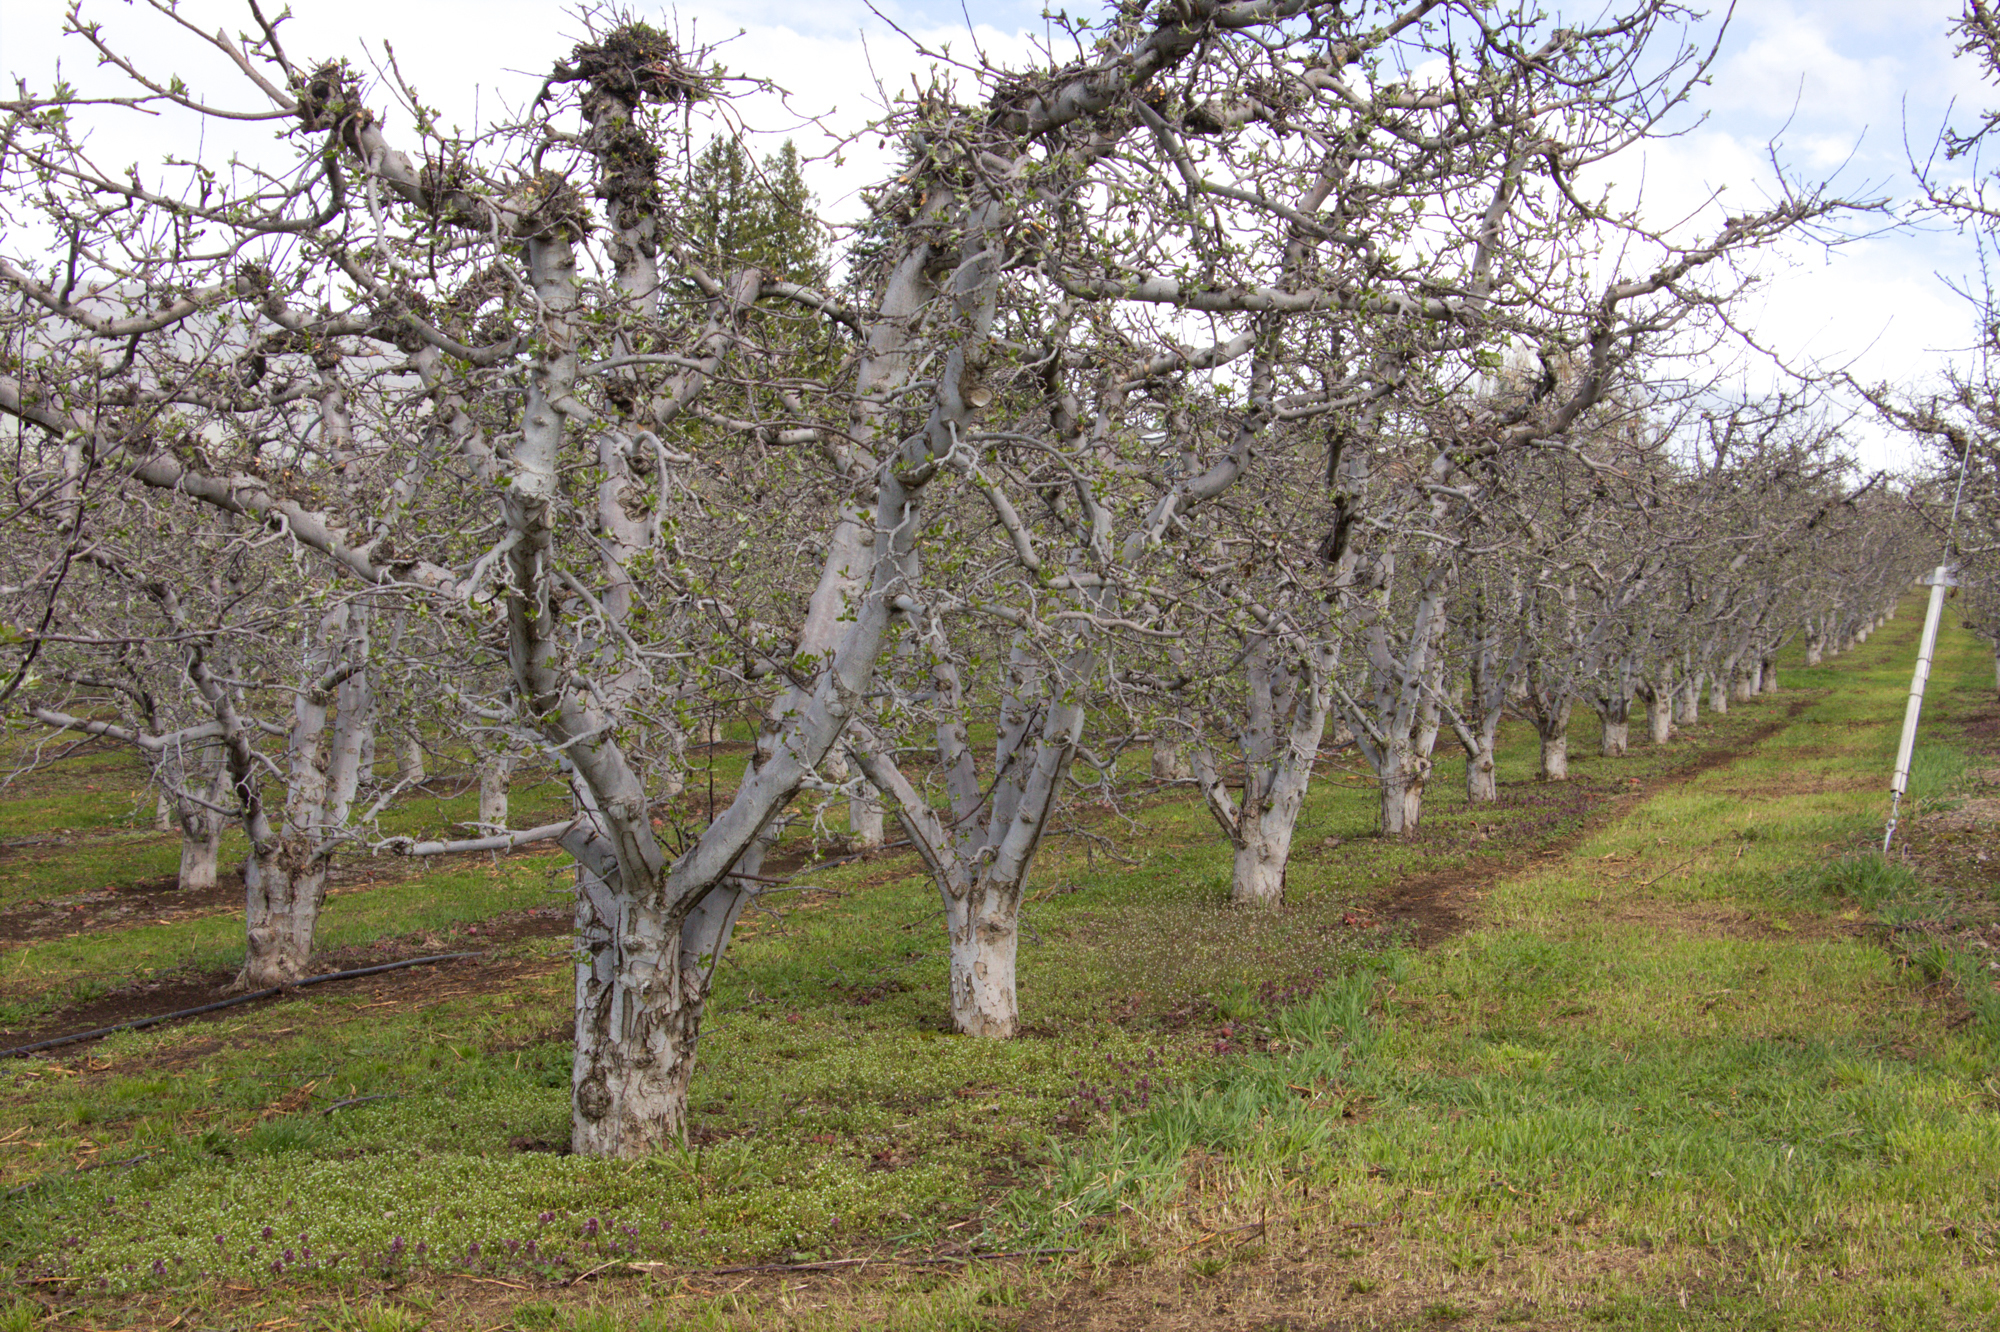 An old-style apple orchard near Malaga, Wash.